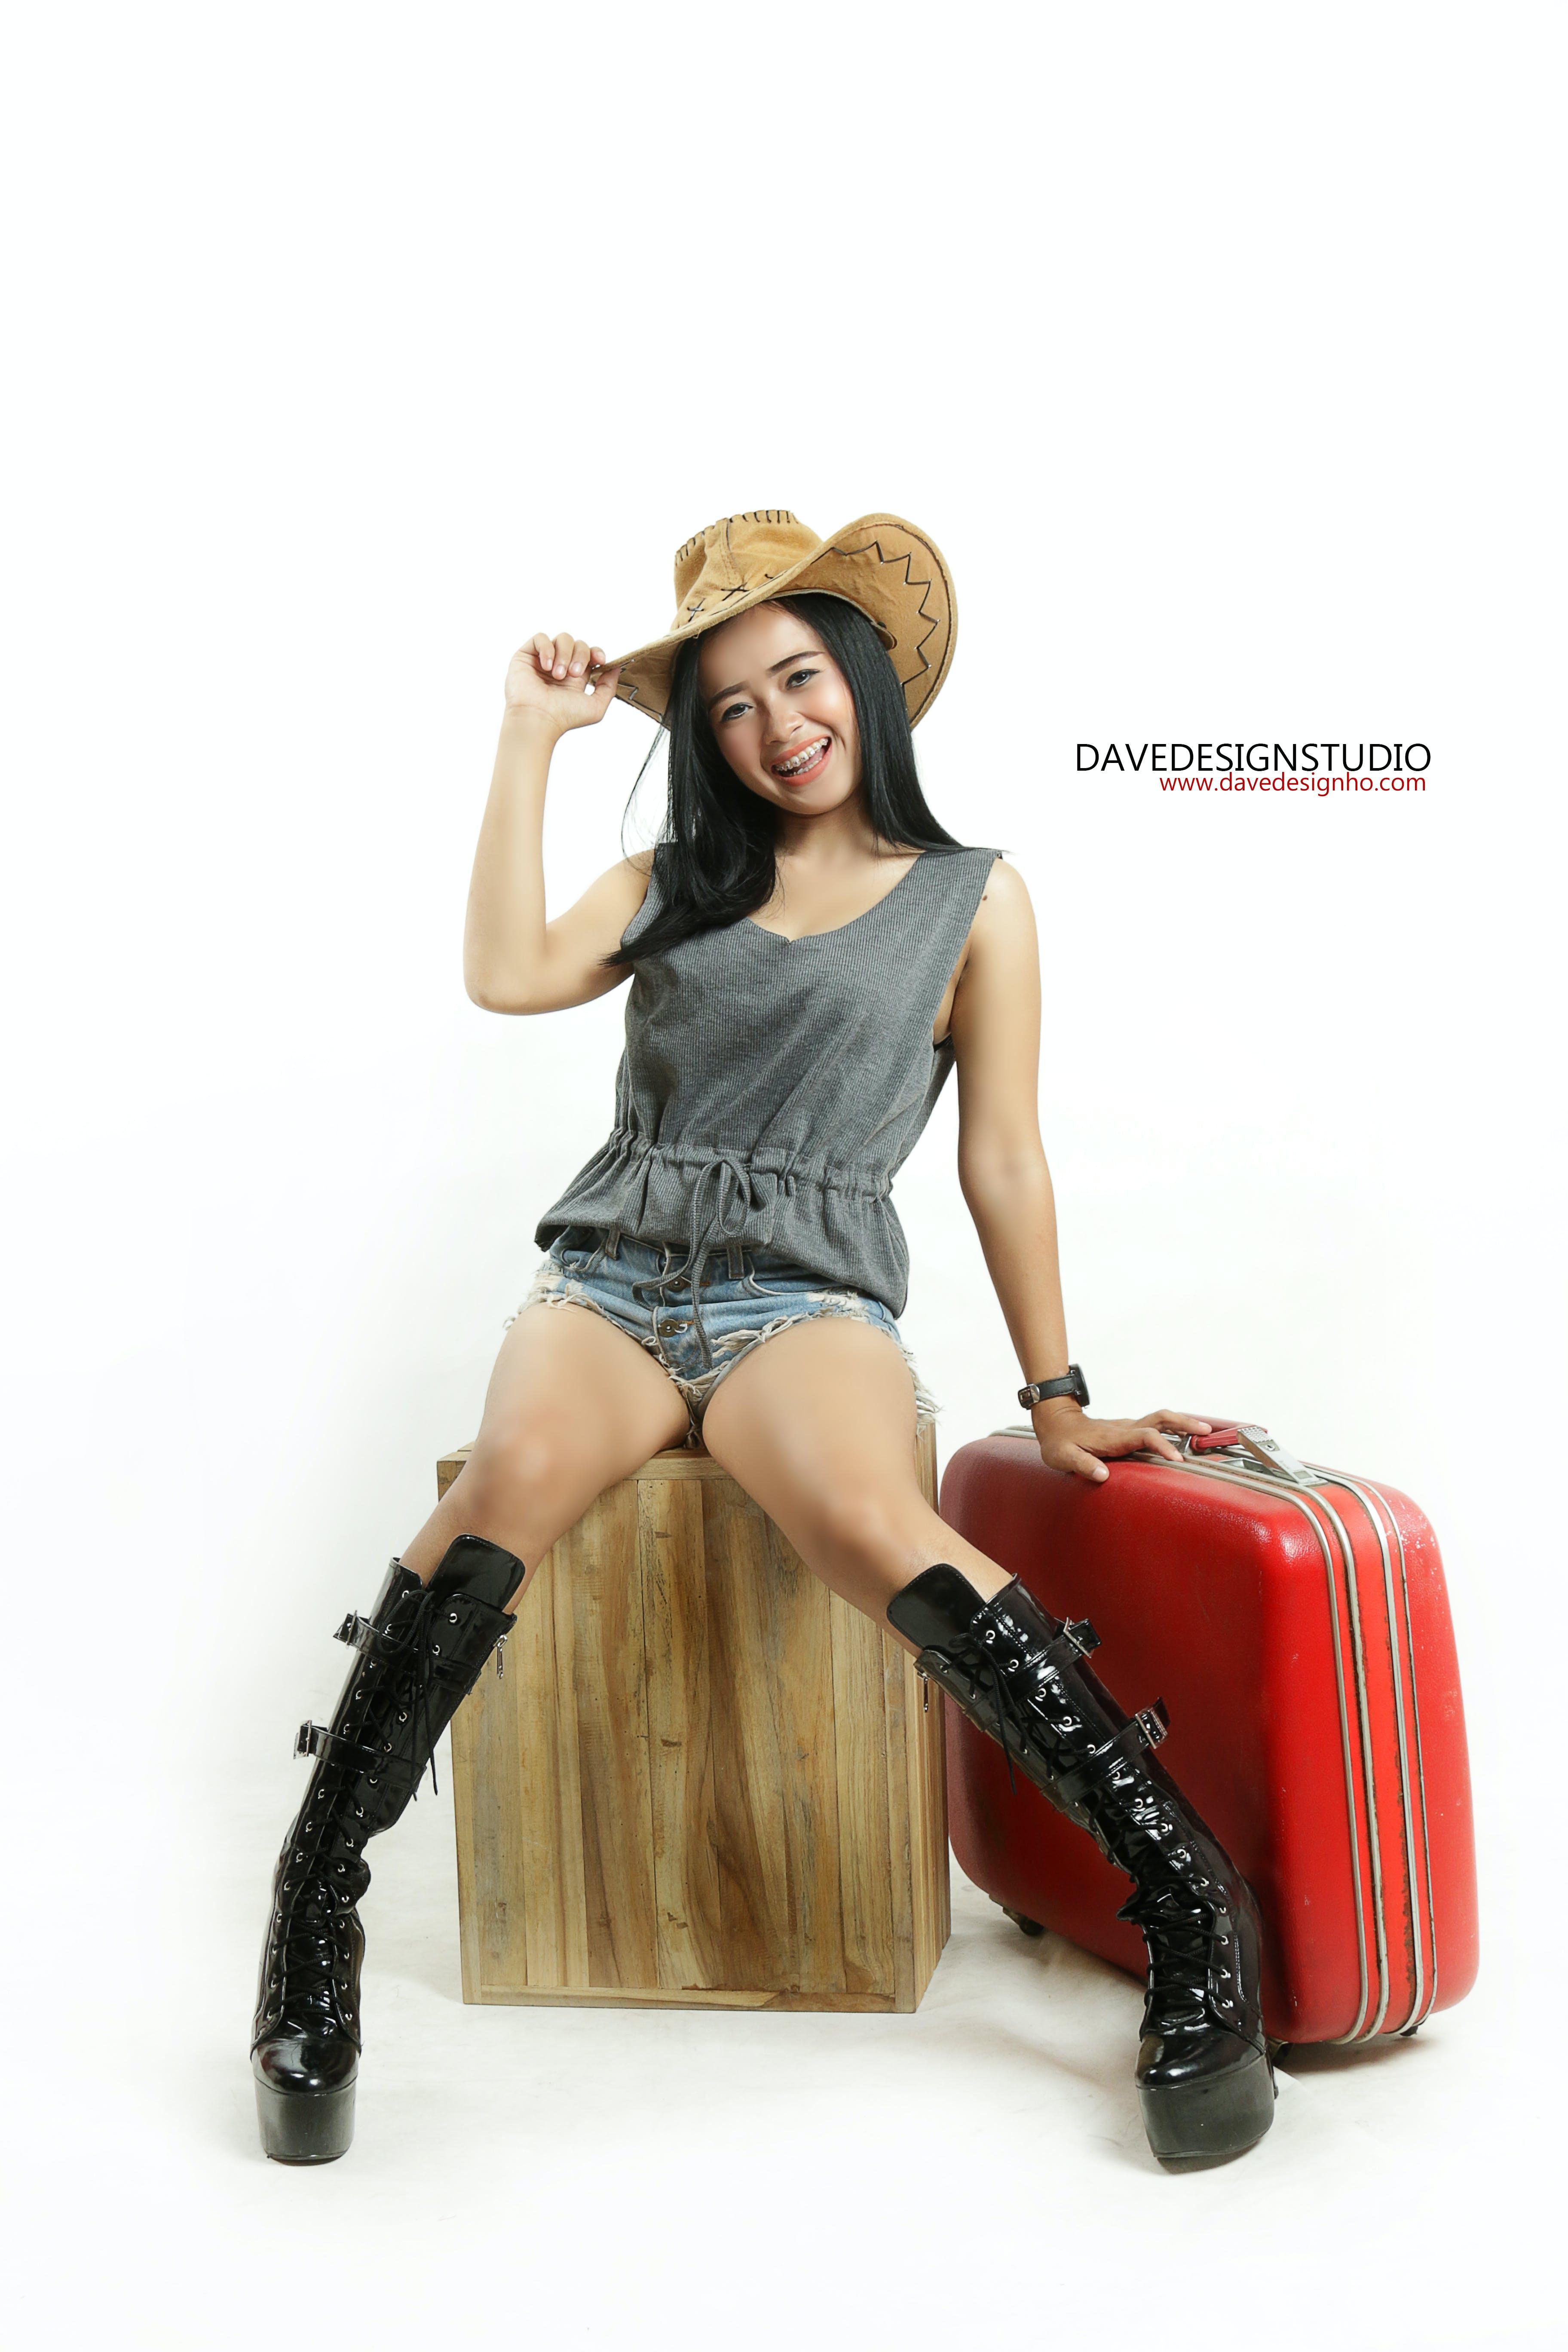 Free stock photo of outfit, shutio photoshoot